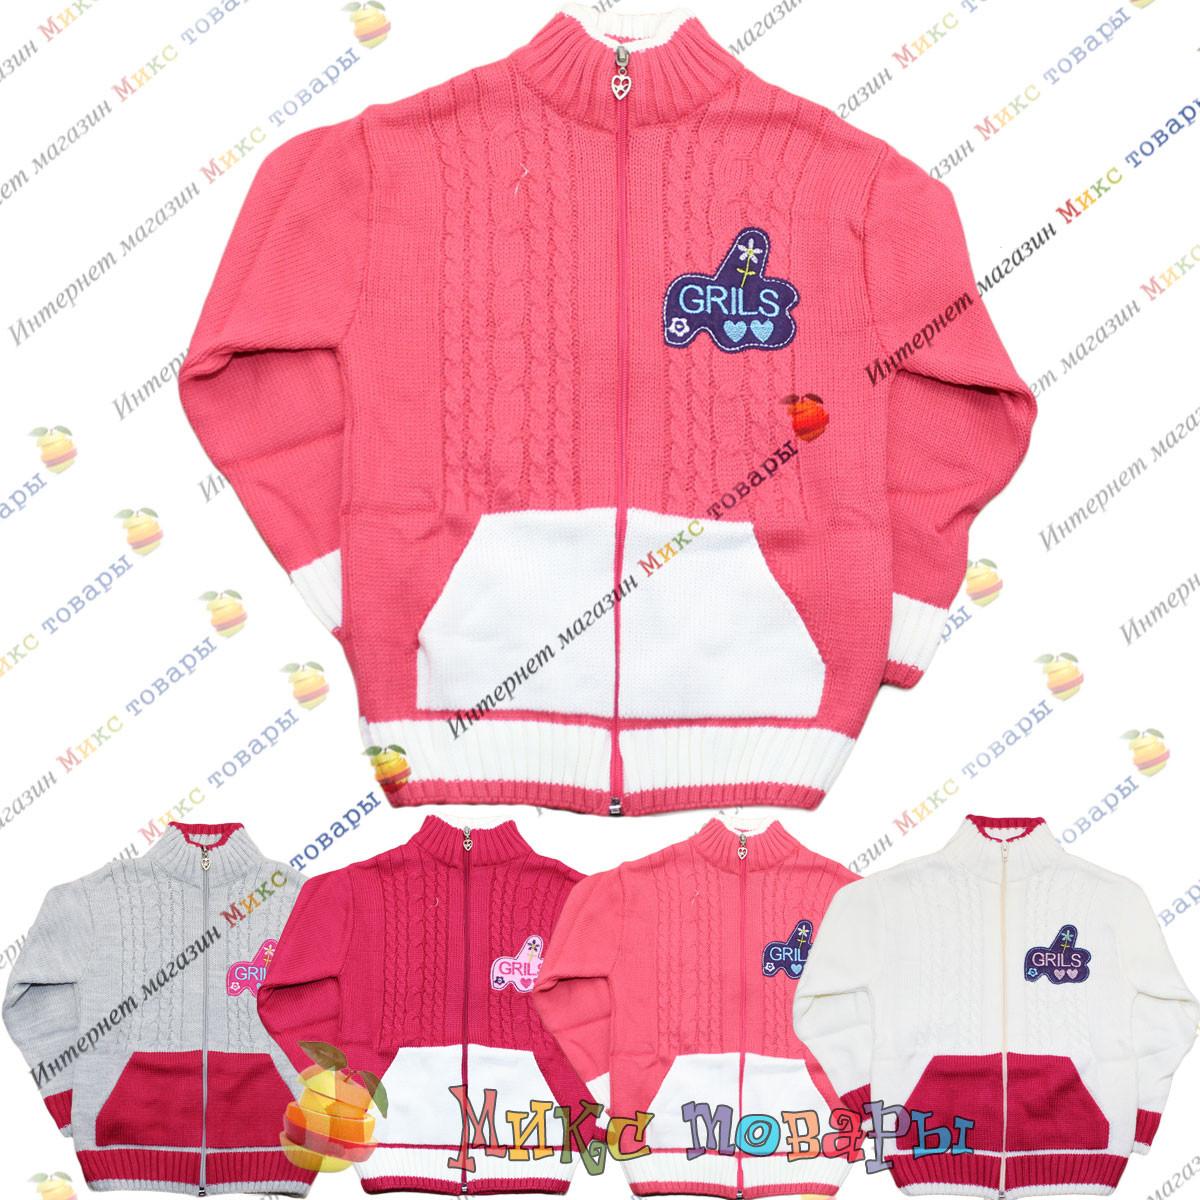 Детские вязанные кофты для девочек с доставкой